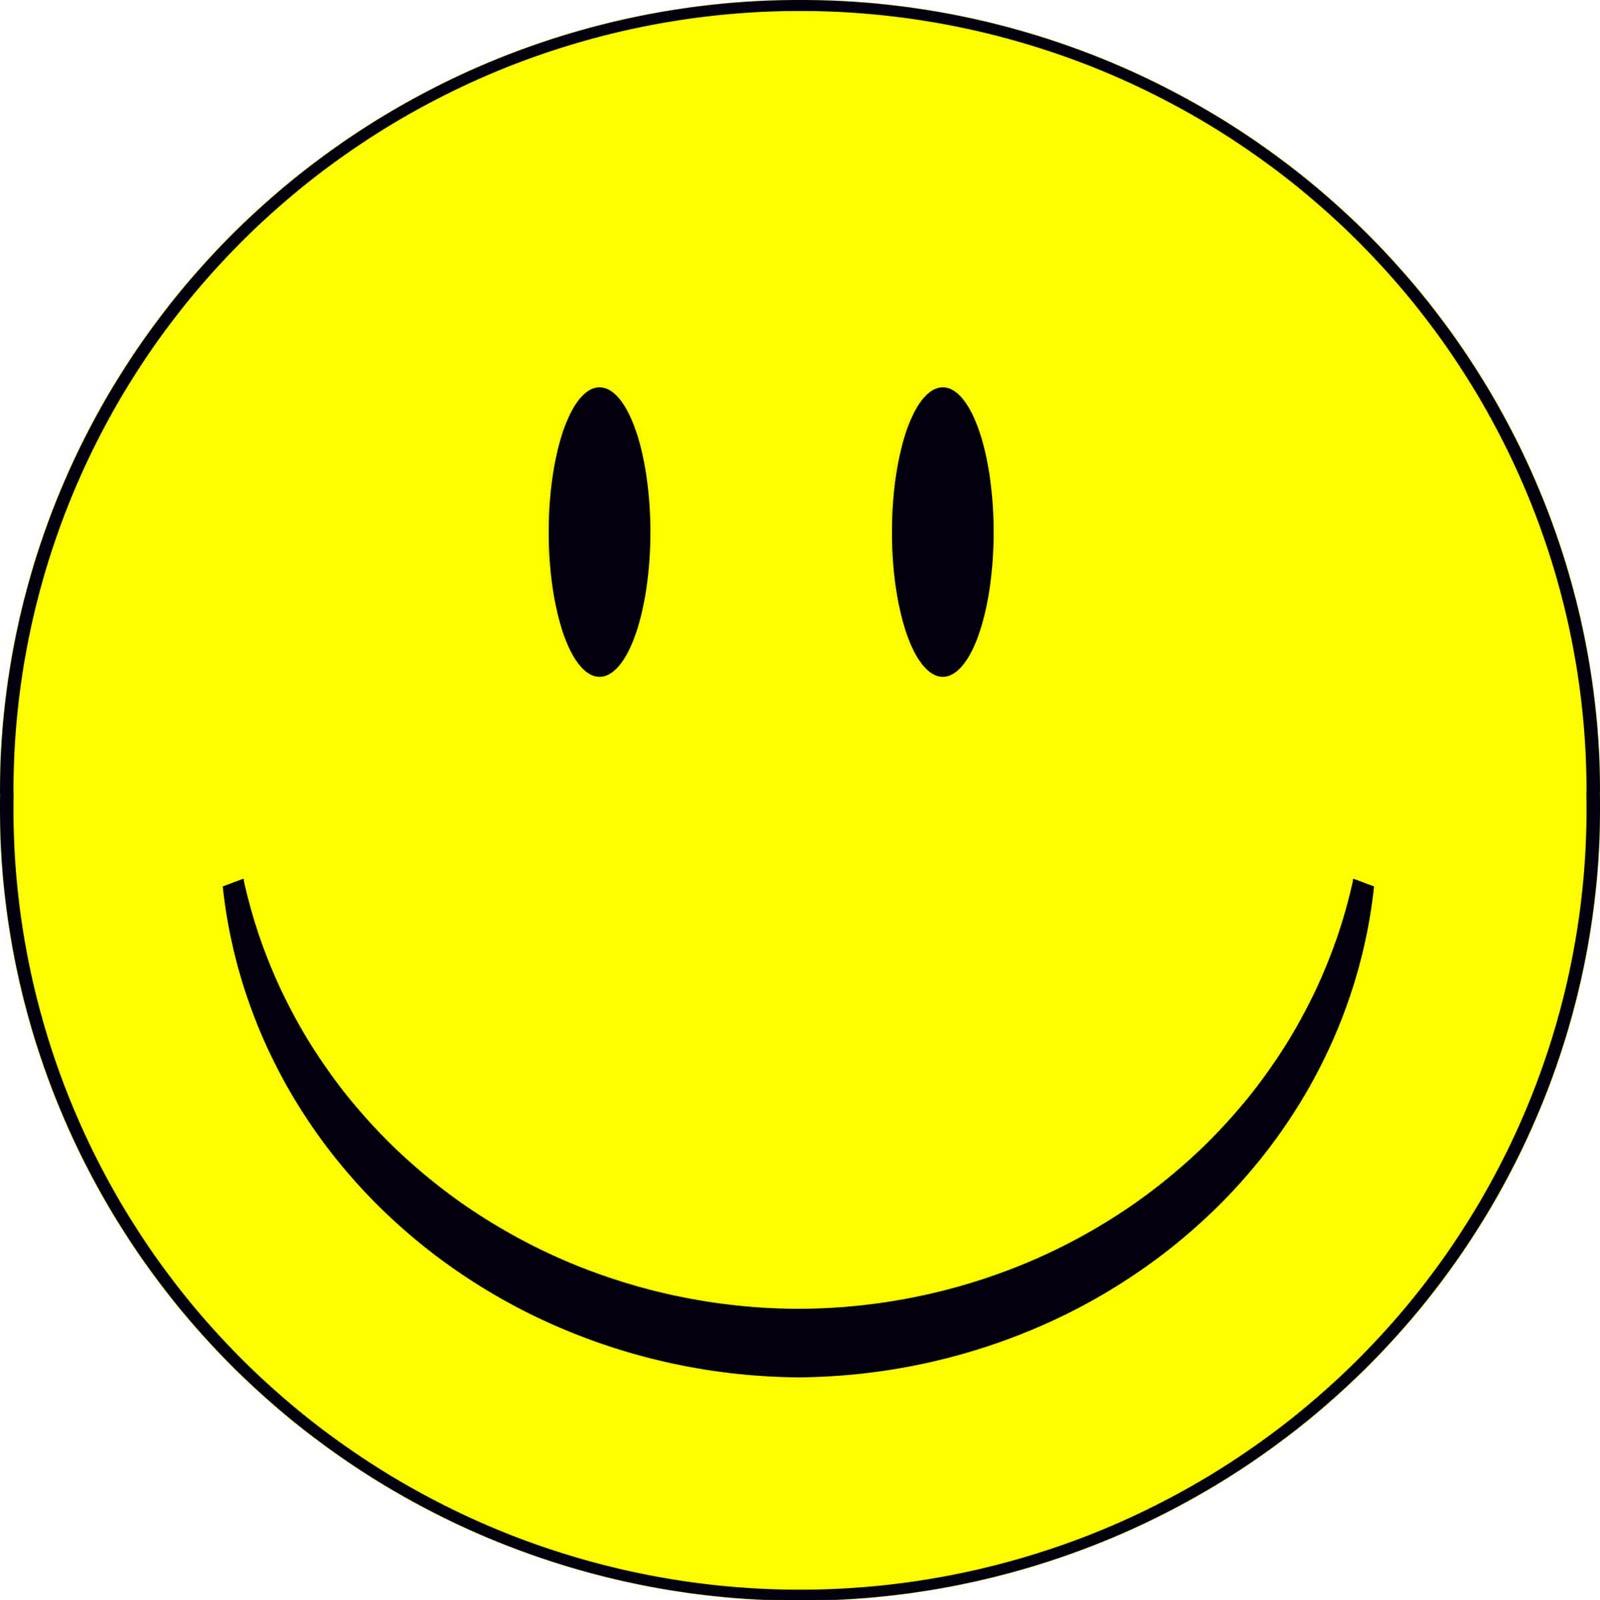 Happy Smiley Face Clip Art